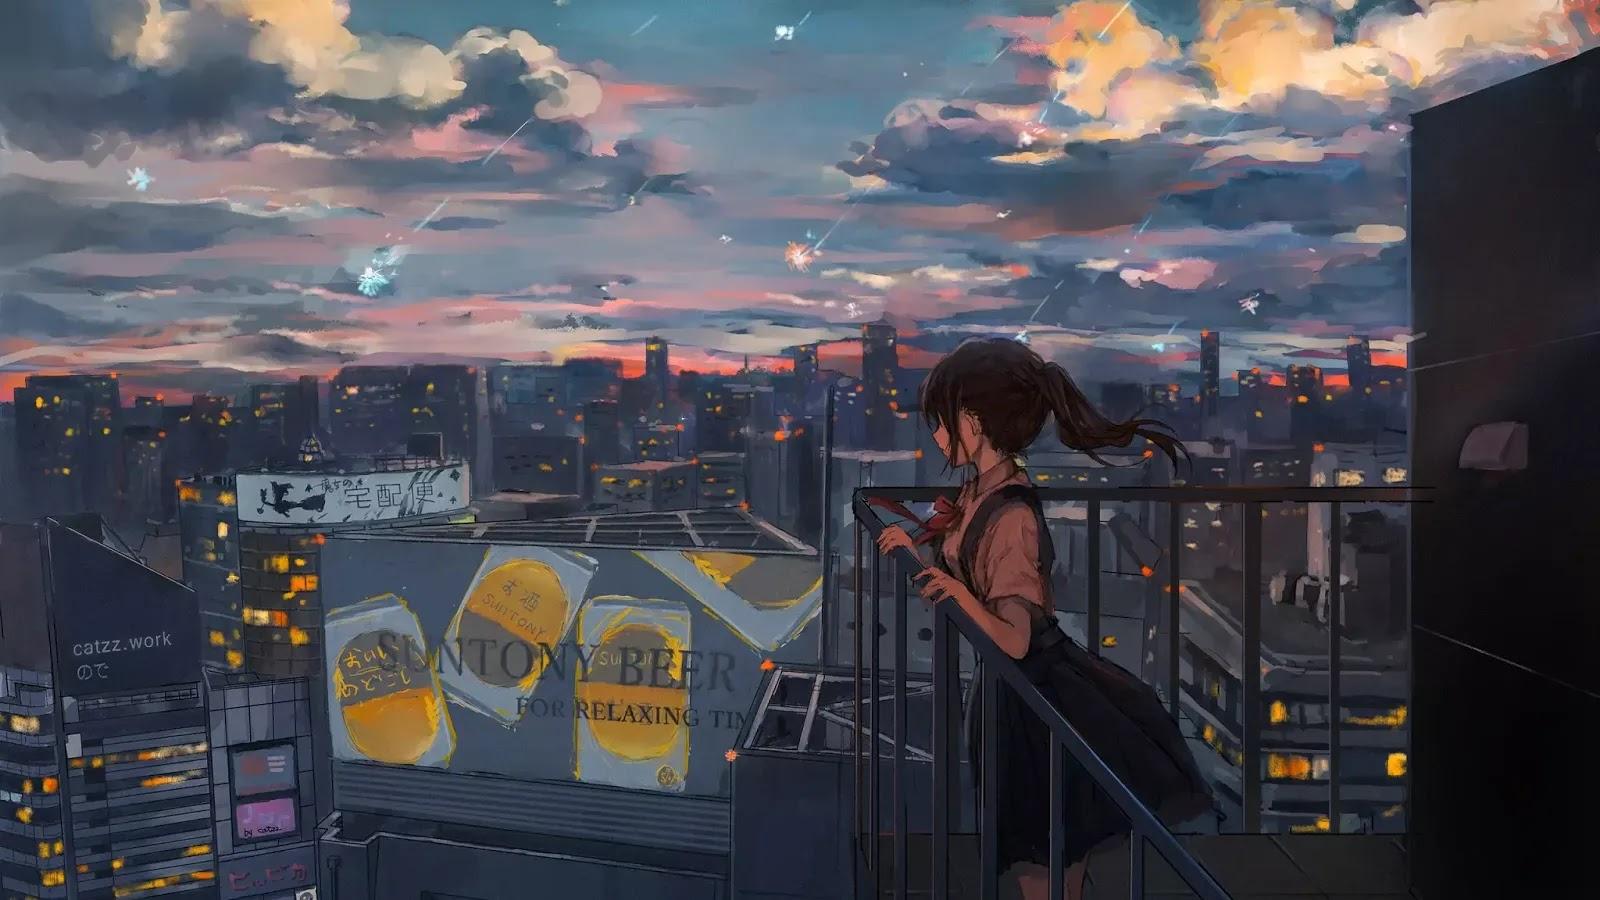 aowvn se lap ra web moi ten la henvn thay the cho web nao thi ban biet roi day - [ Thông Báo ] AowVN bị die tài khoản lưu trữ , dừng update chuyên mục anime